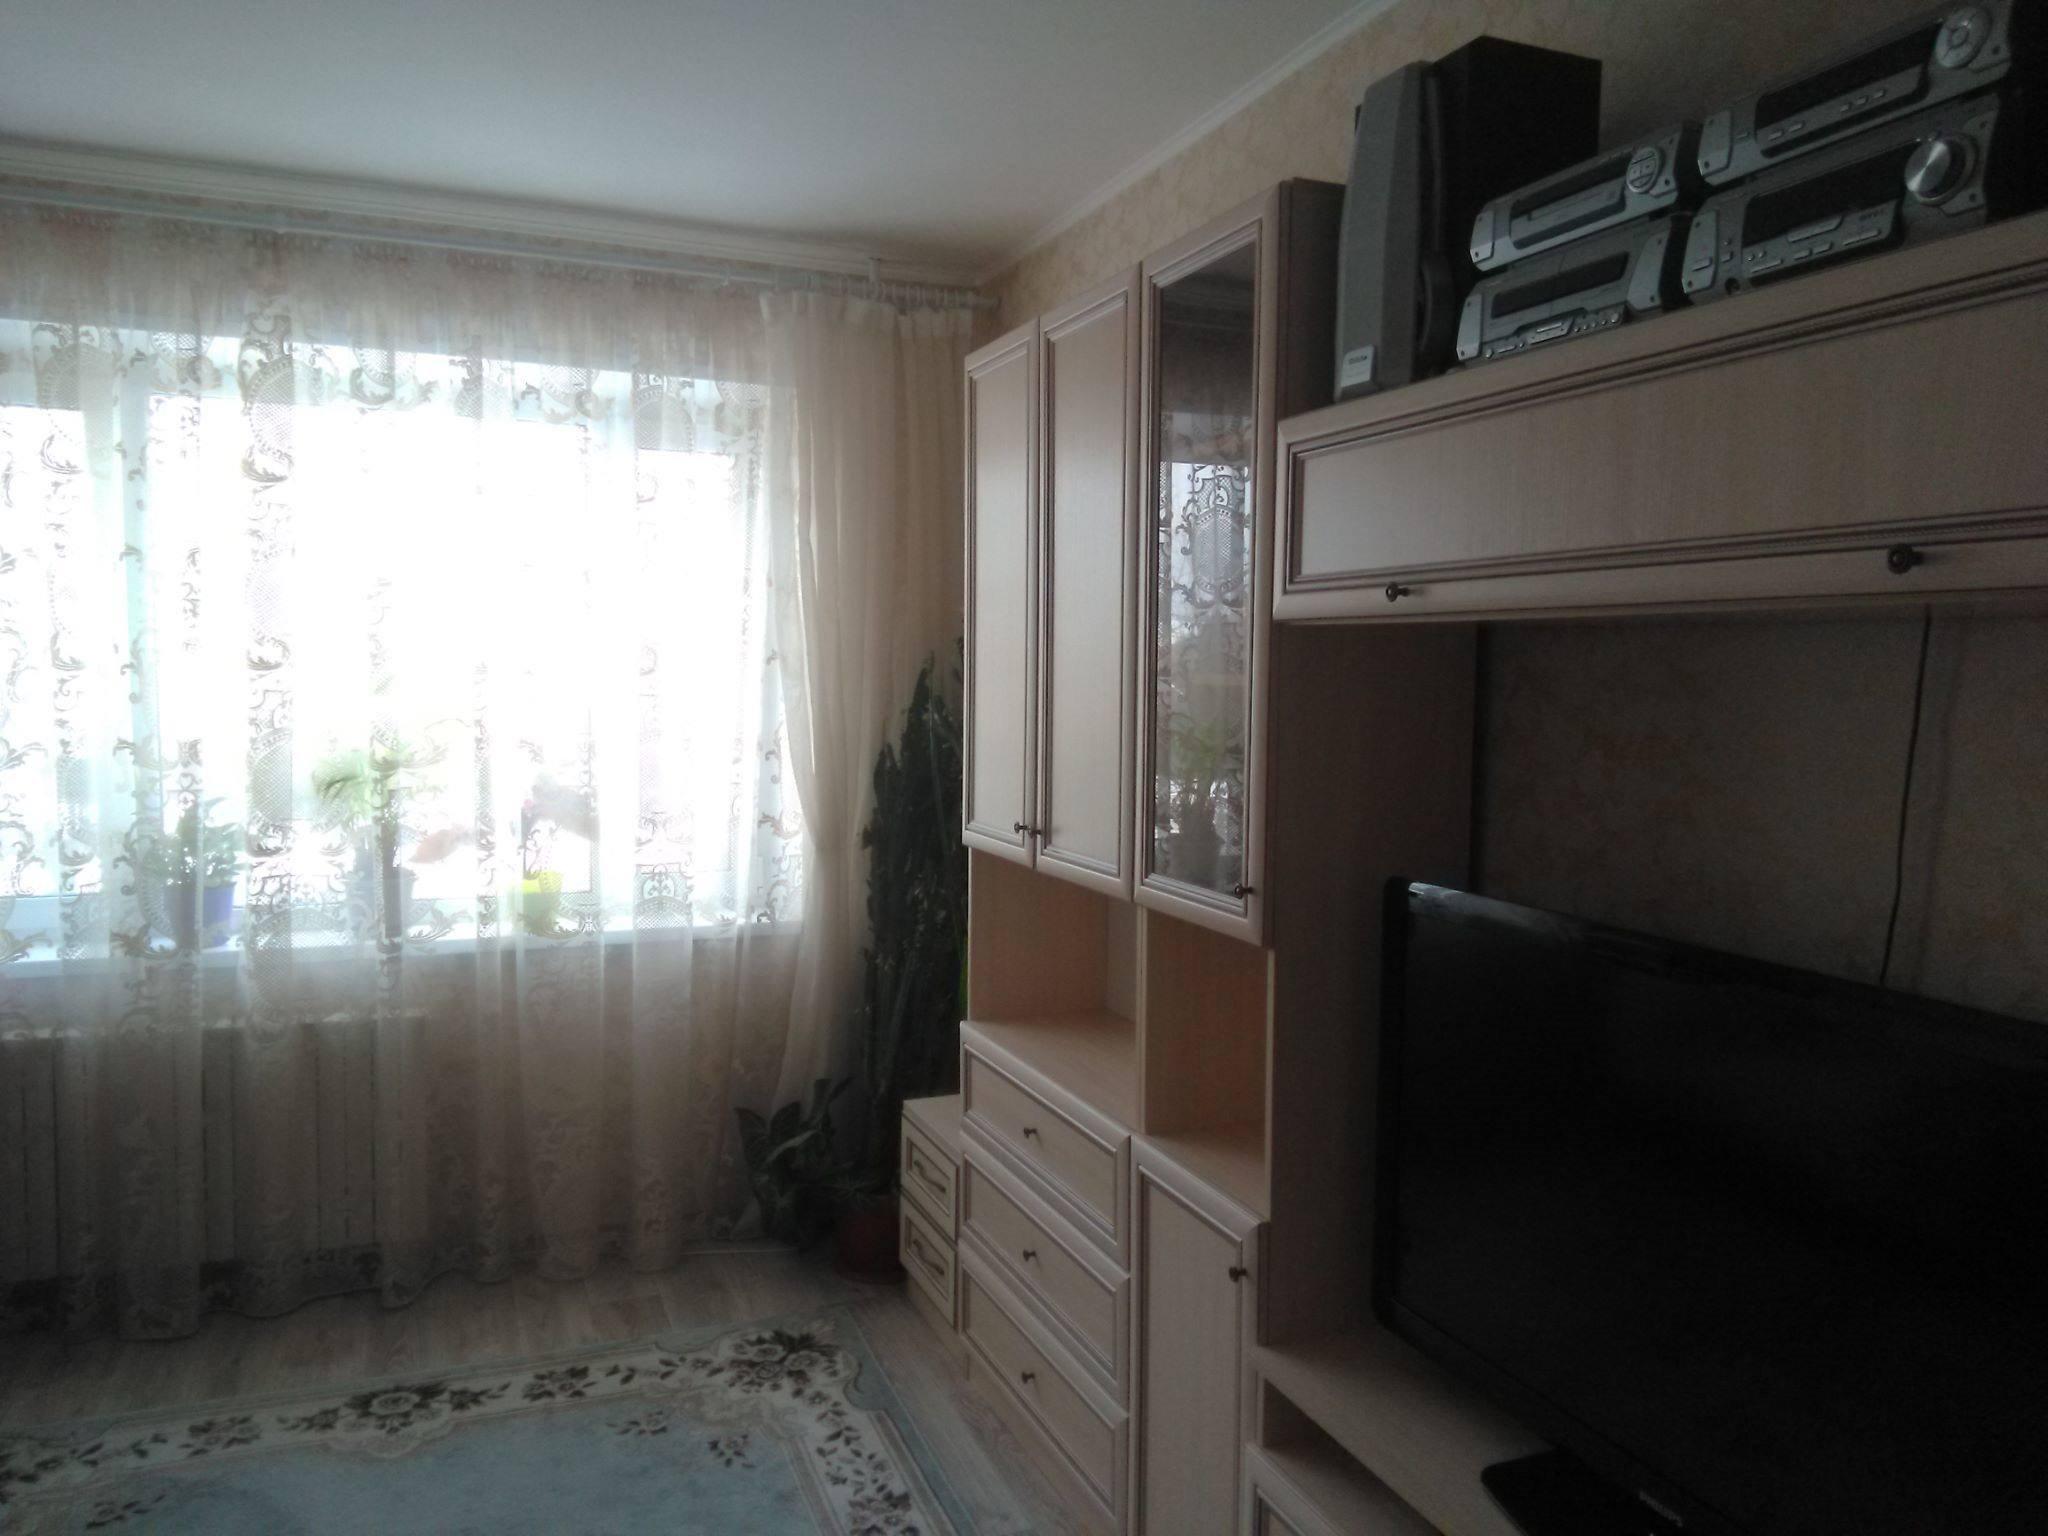 Продается трехкомнатная квартира за 3 500 000 рублей. Московская обл, г Наро-Фоминск, поселок Новая Ольховка, ул Новая, д 60.